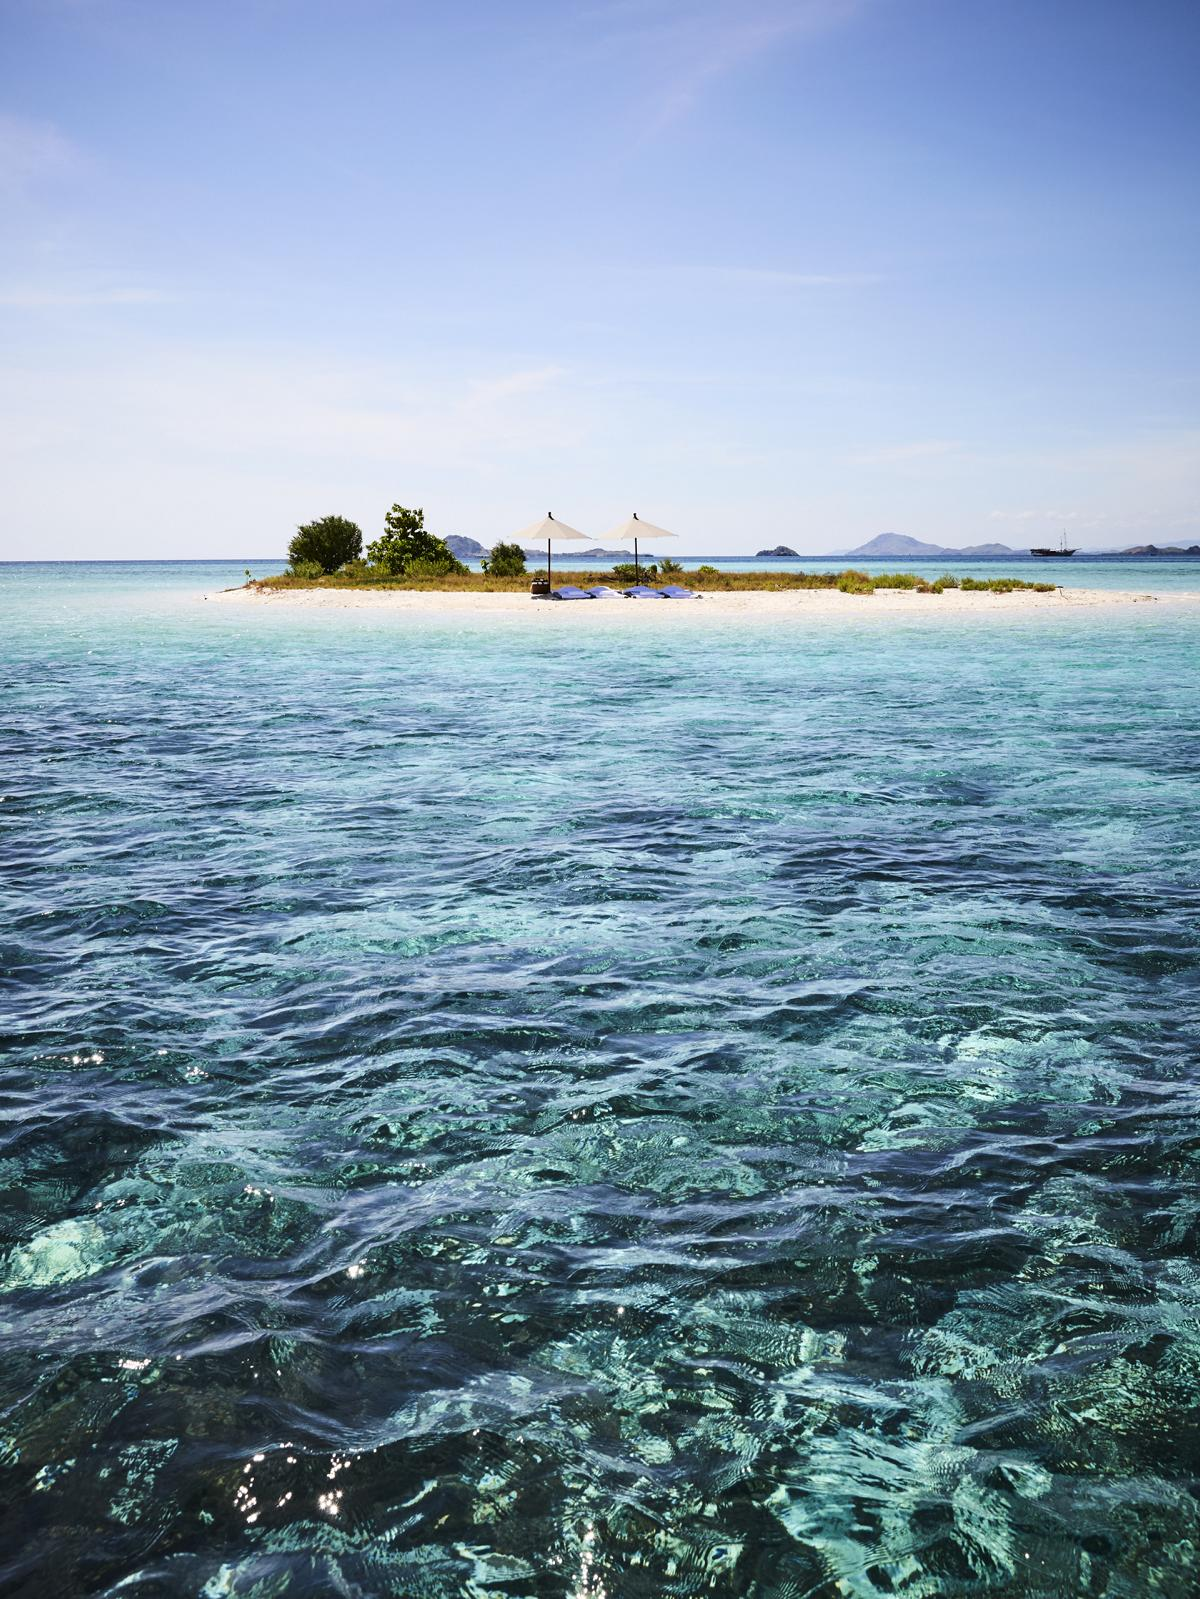 Kleine private Insel mit Sonnenliegen im türkisblauen Meer vor Indonesien bei einer Reise mit der Amandira von Aman Cruises